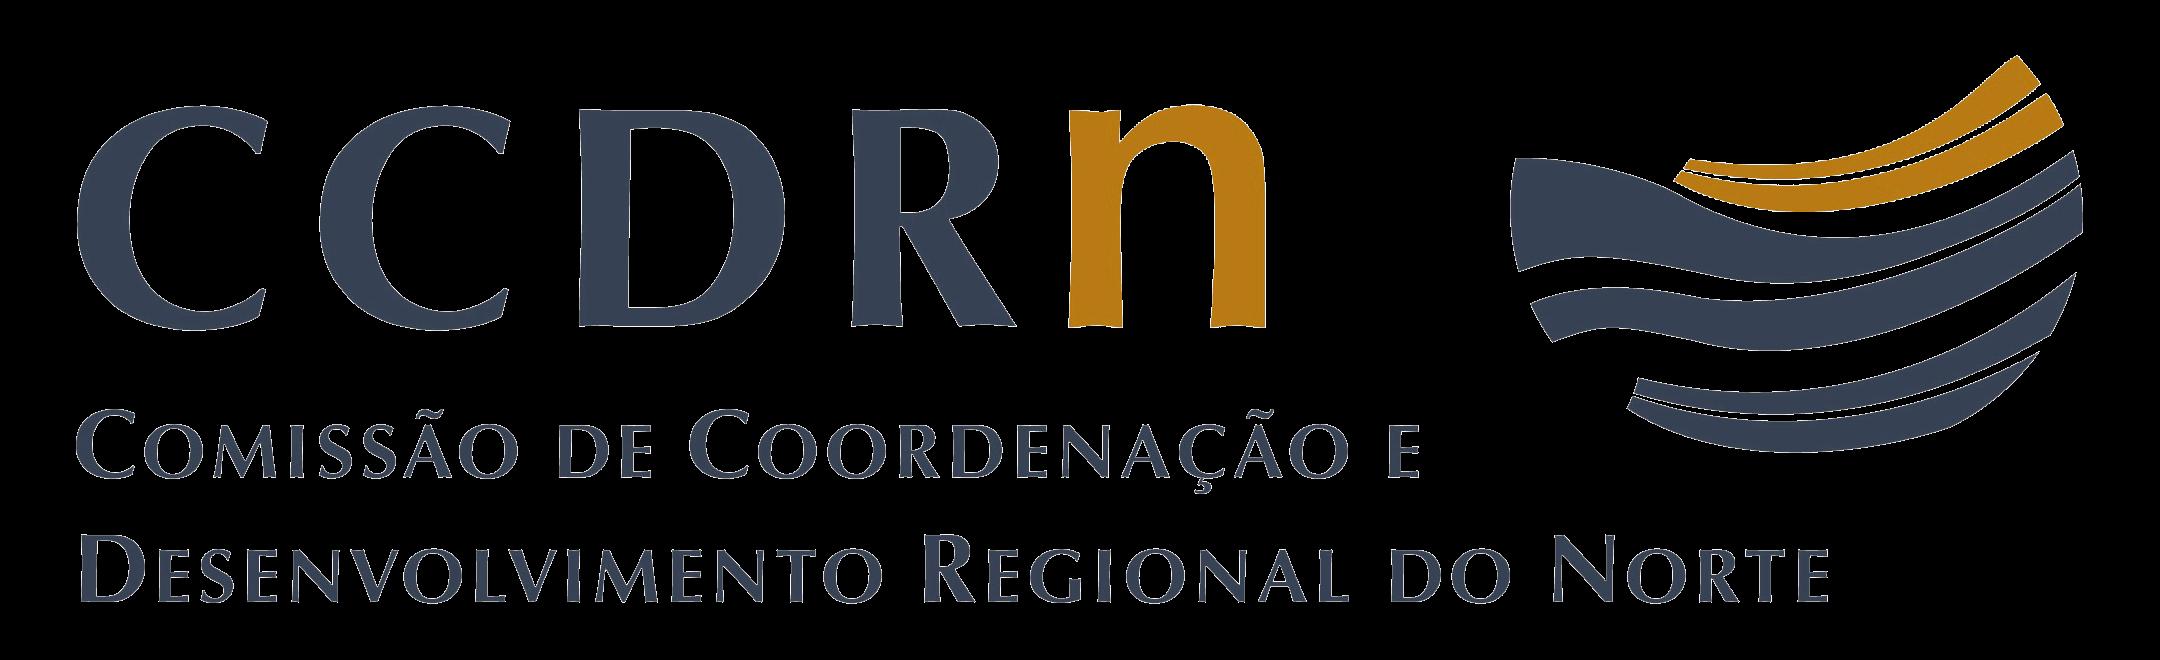 Logo CCDRN